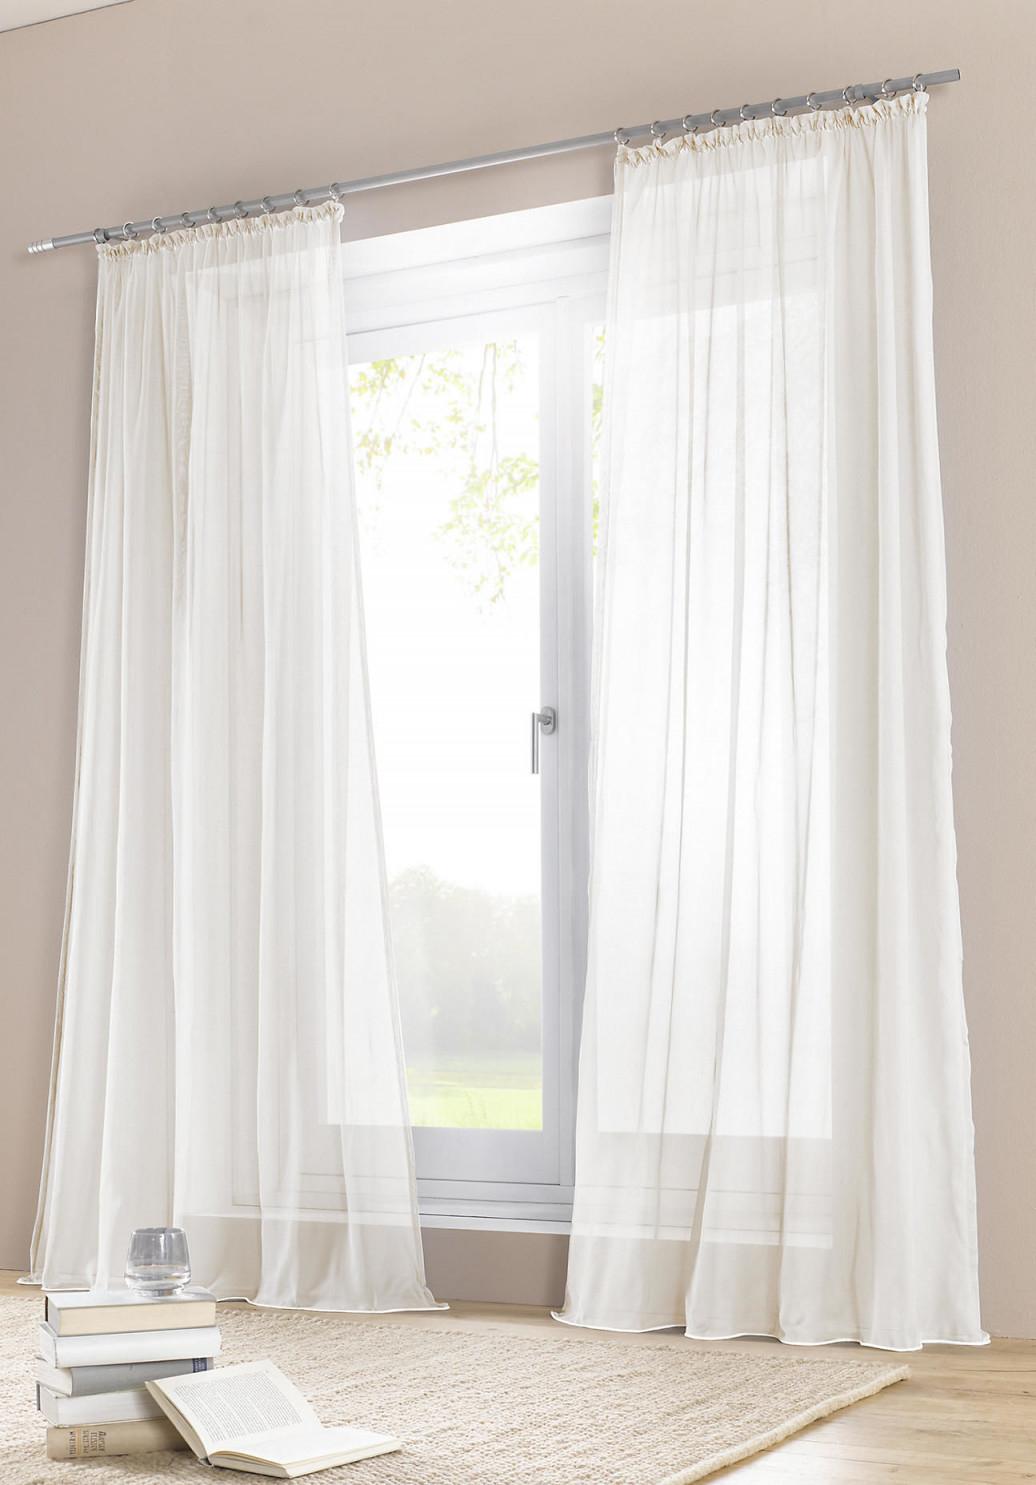 Die Schönsten Ideen Für Vorhänge  Gardinen von Wohnzimmer Gardinen Schals Photo